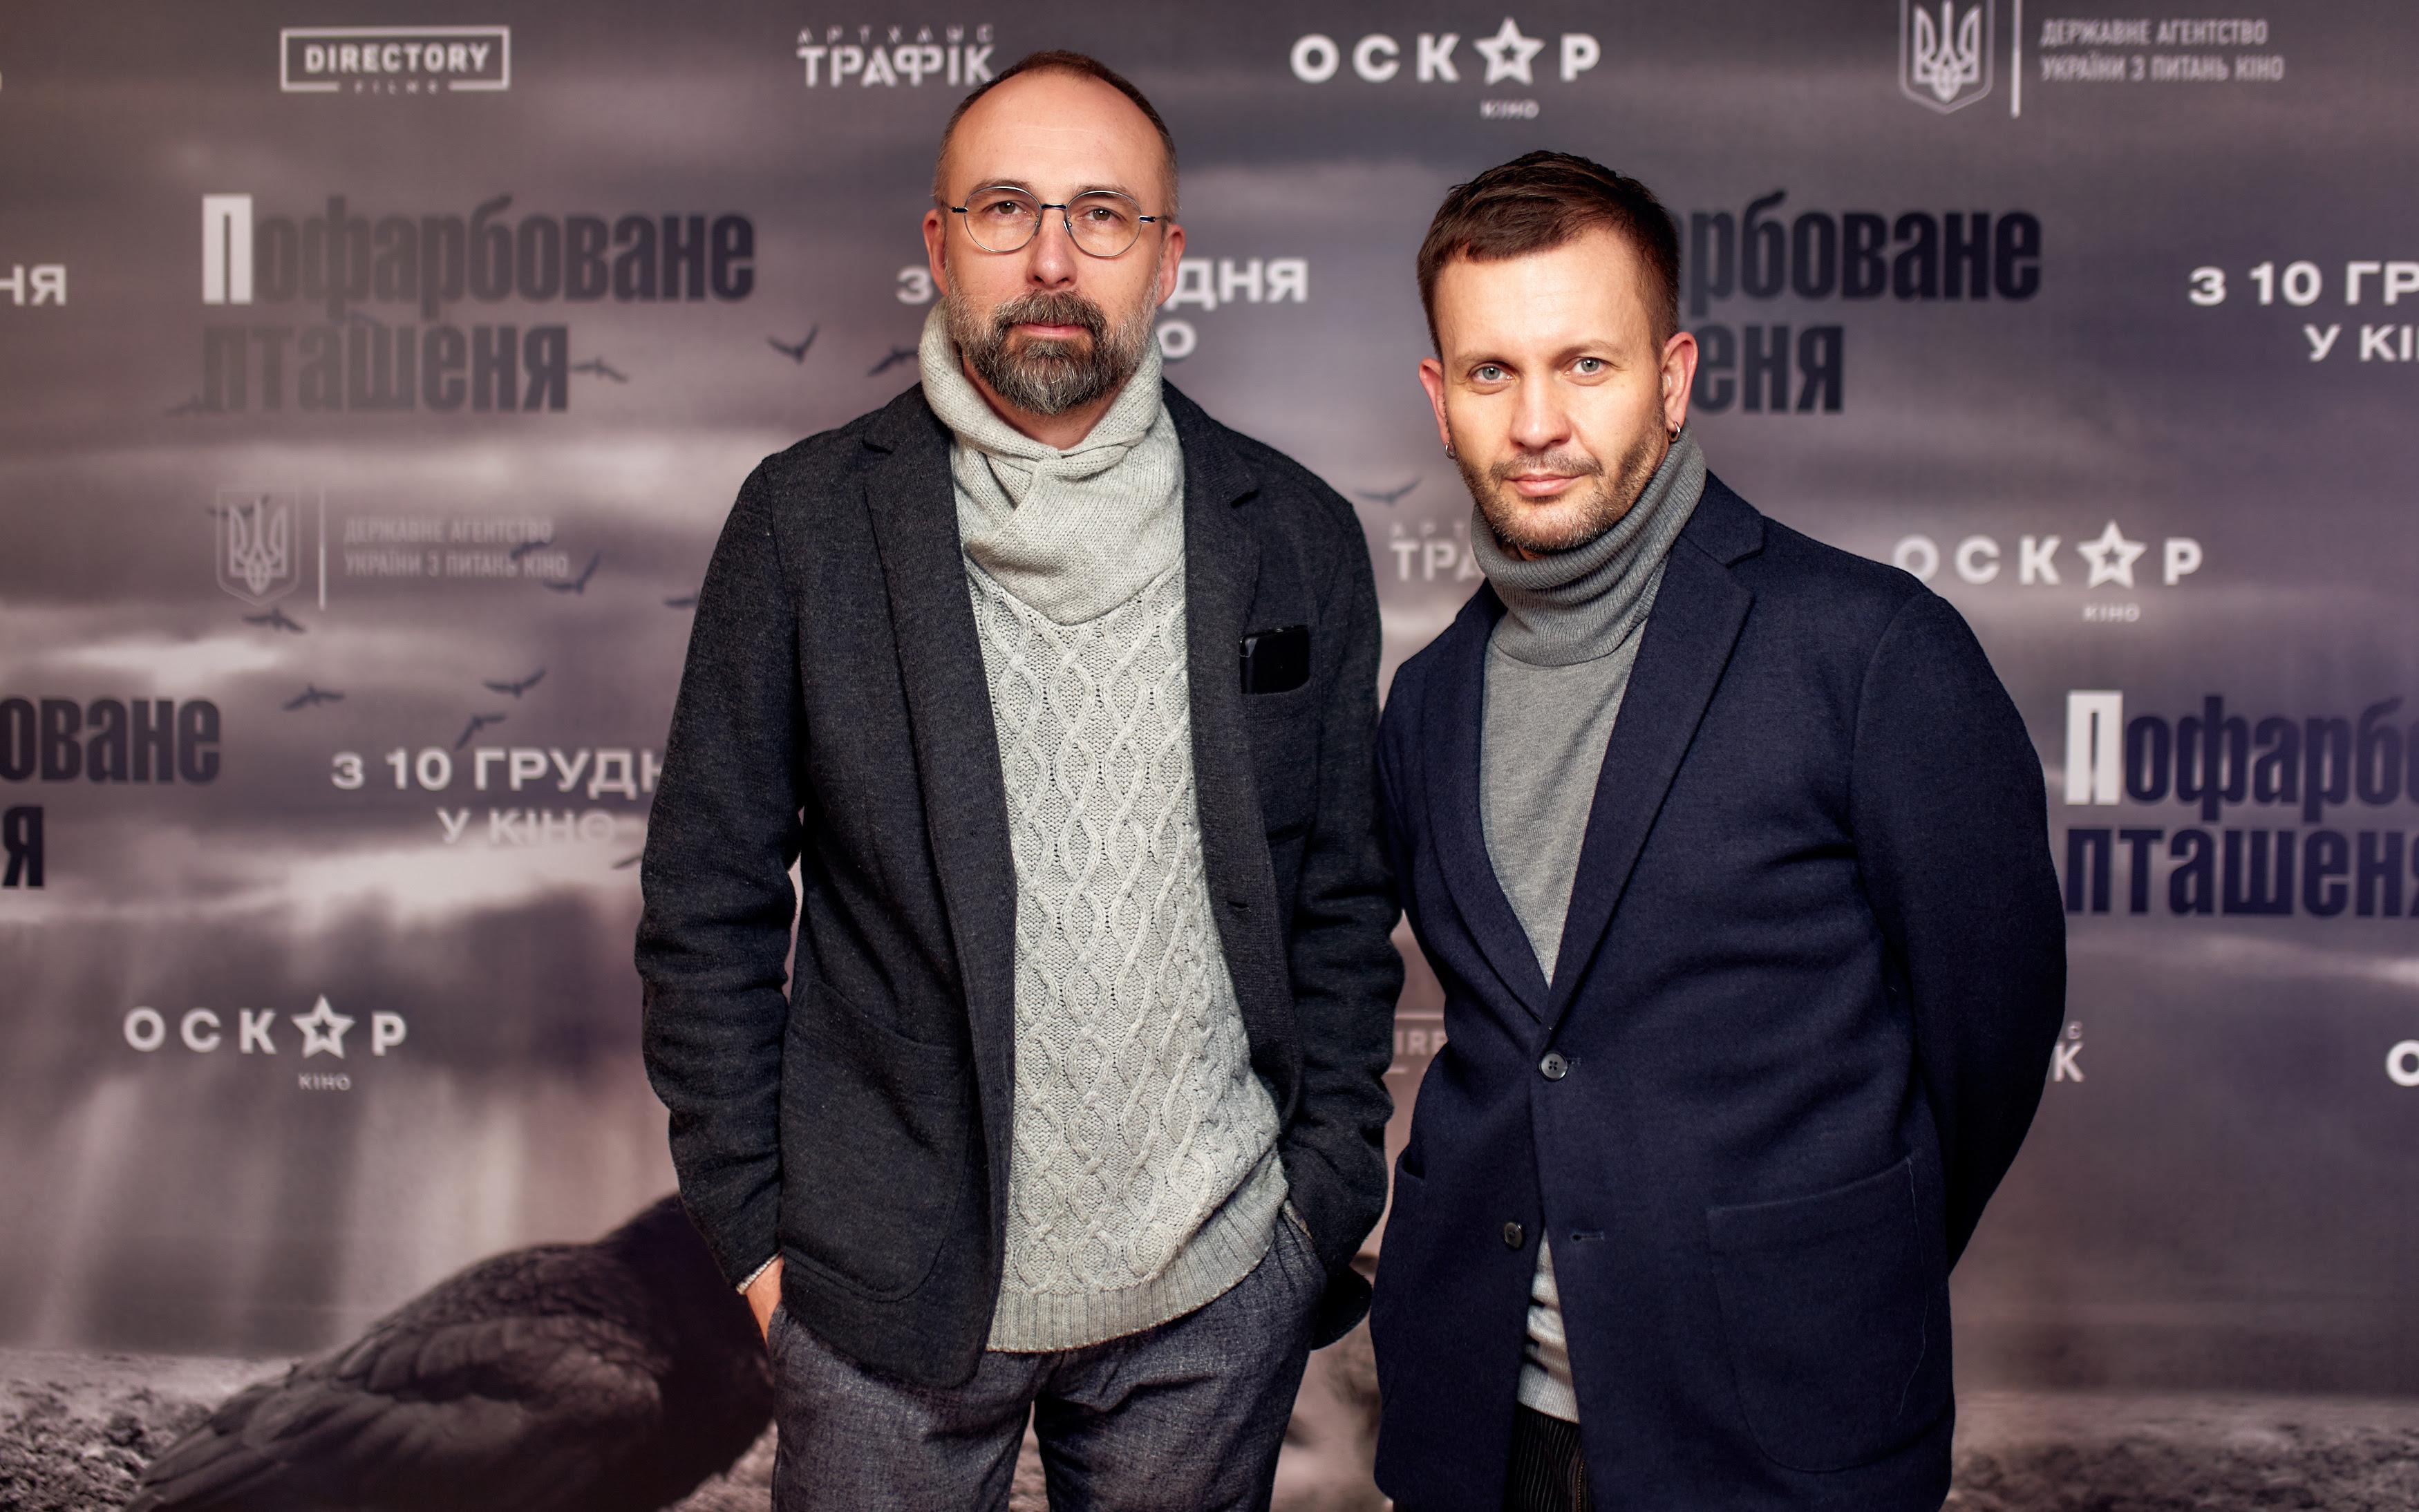 Ігор Савиченко та Андрій Алфьоров